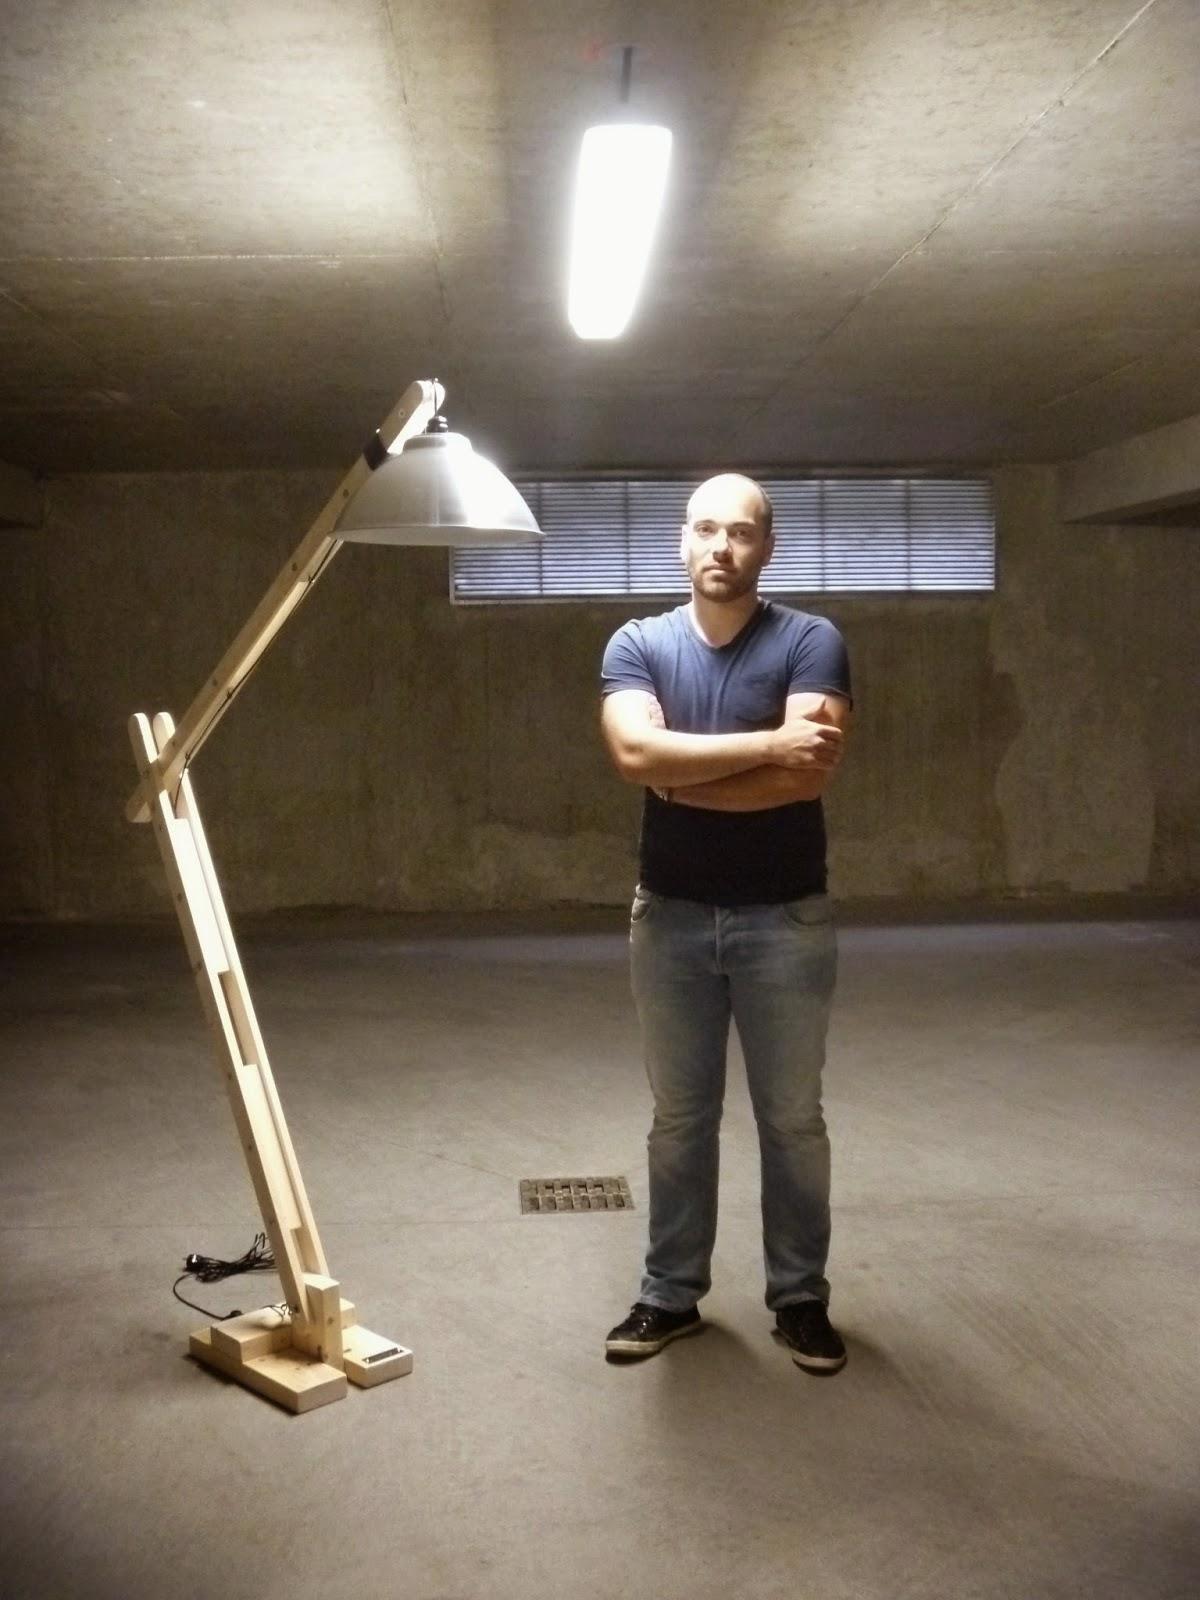 Lampe Articulée Bois - La menuiserie 503 La lampe d'architecte articulée en bois de taille moyenne